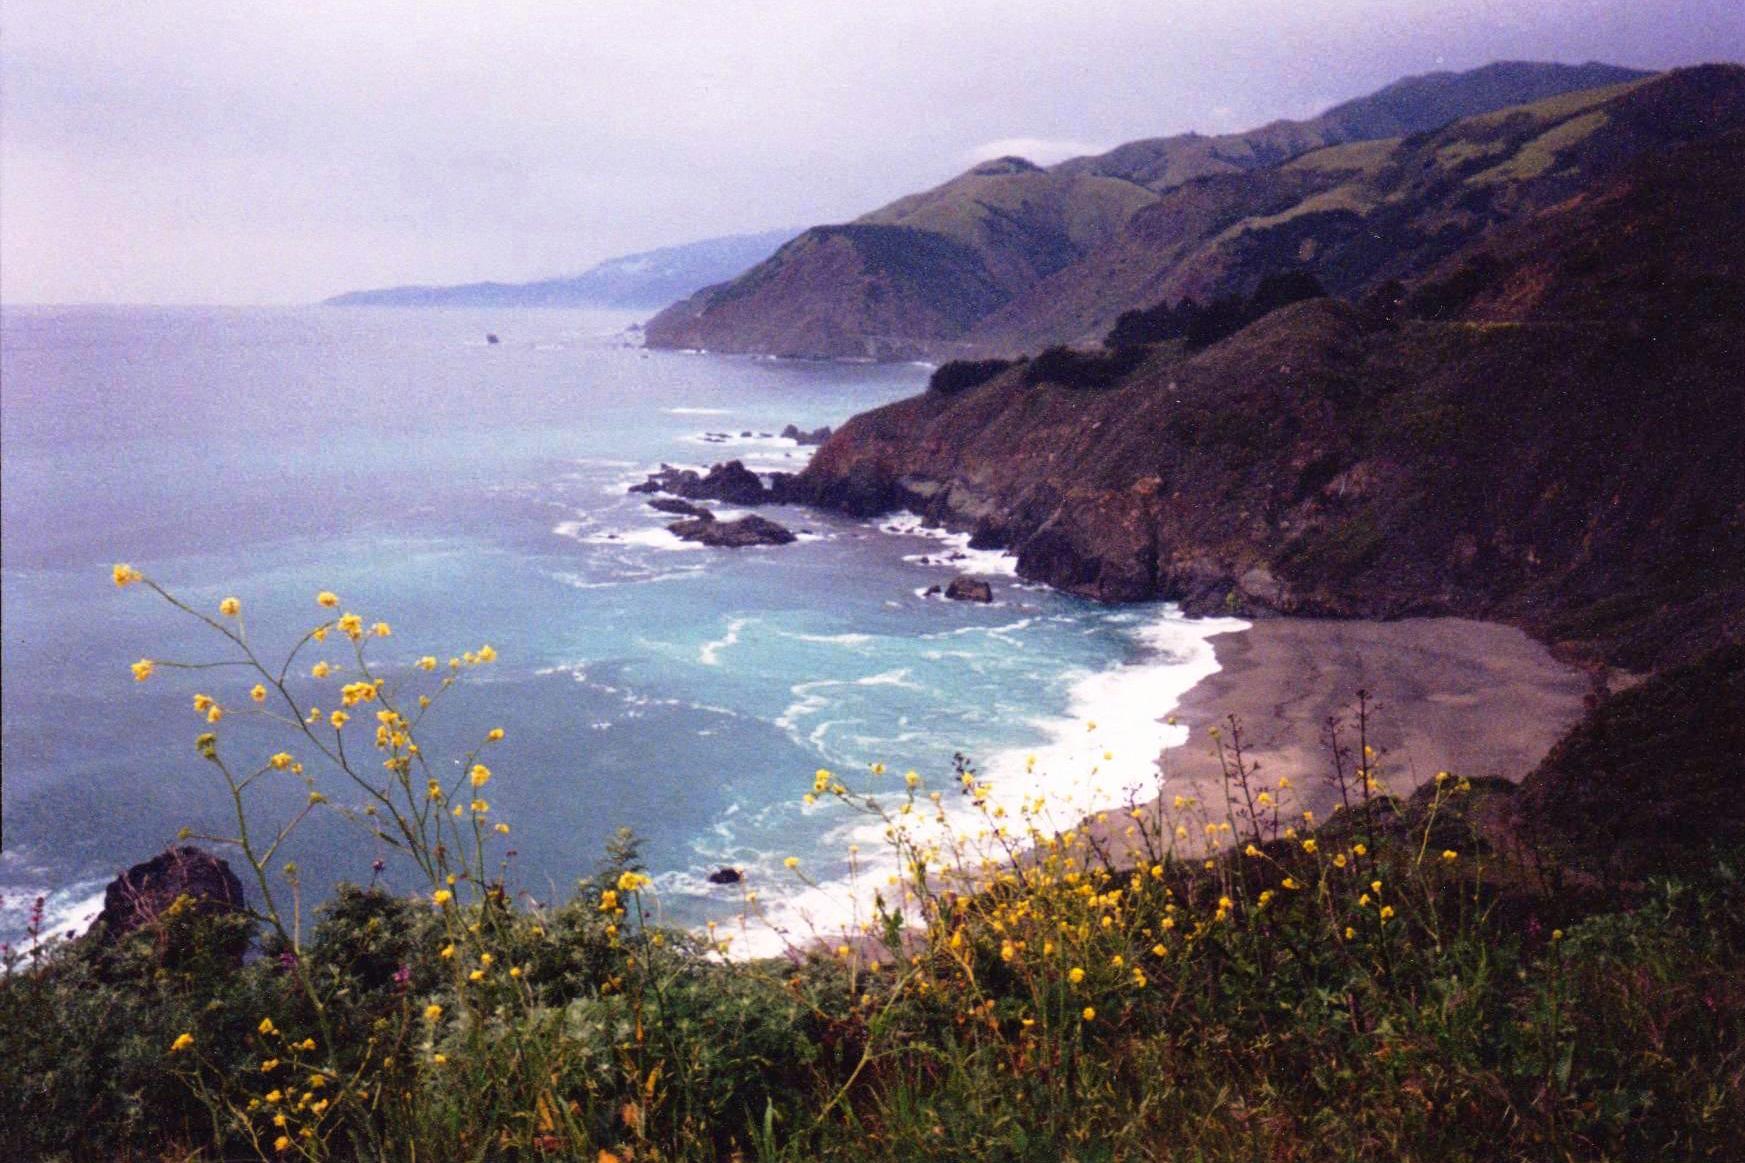 Beach and cliffs Spring break road trip.1.jpg